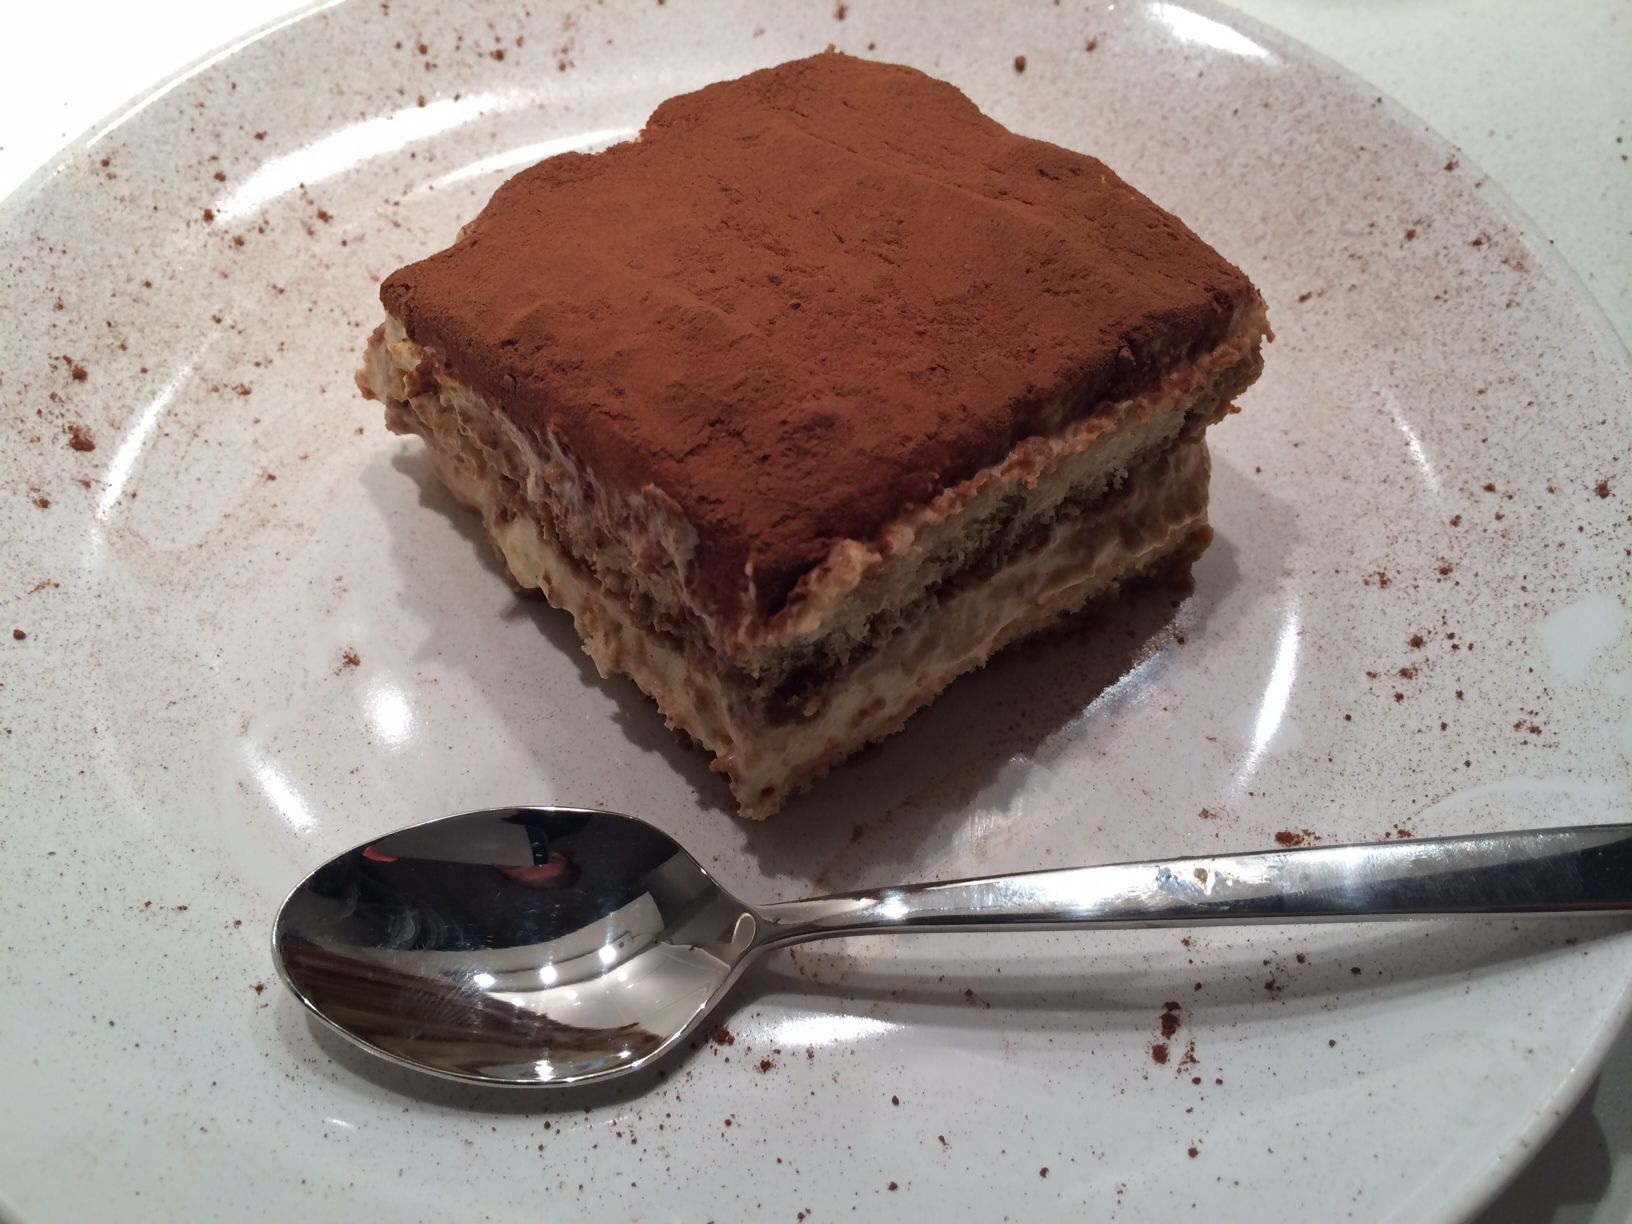 Unser Rezept für original italienisches Tiramisu - süsse Sünden von miomente. Zum Rezept geht es hier entlang: https://www.facebook.com/photo.php?fbid=647875905250083&set=a.647875748583432.1073741890.134151469955865&type=3&theater